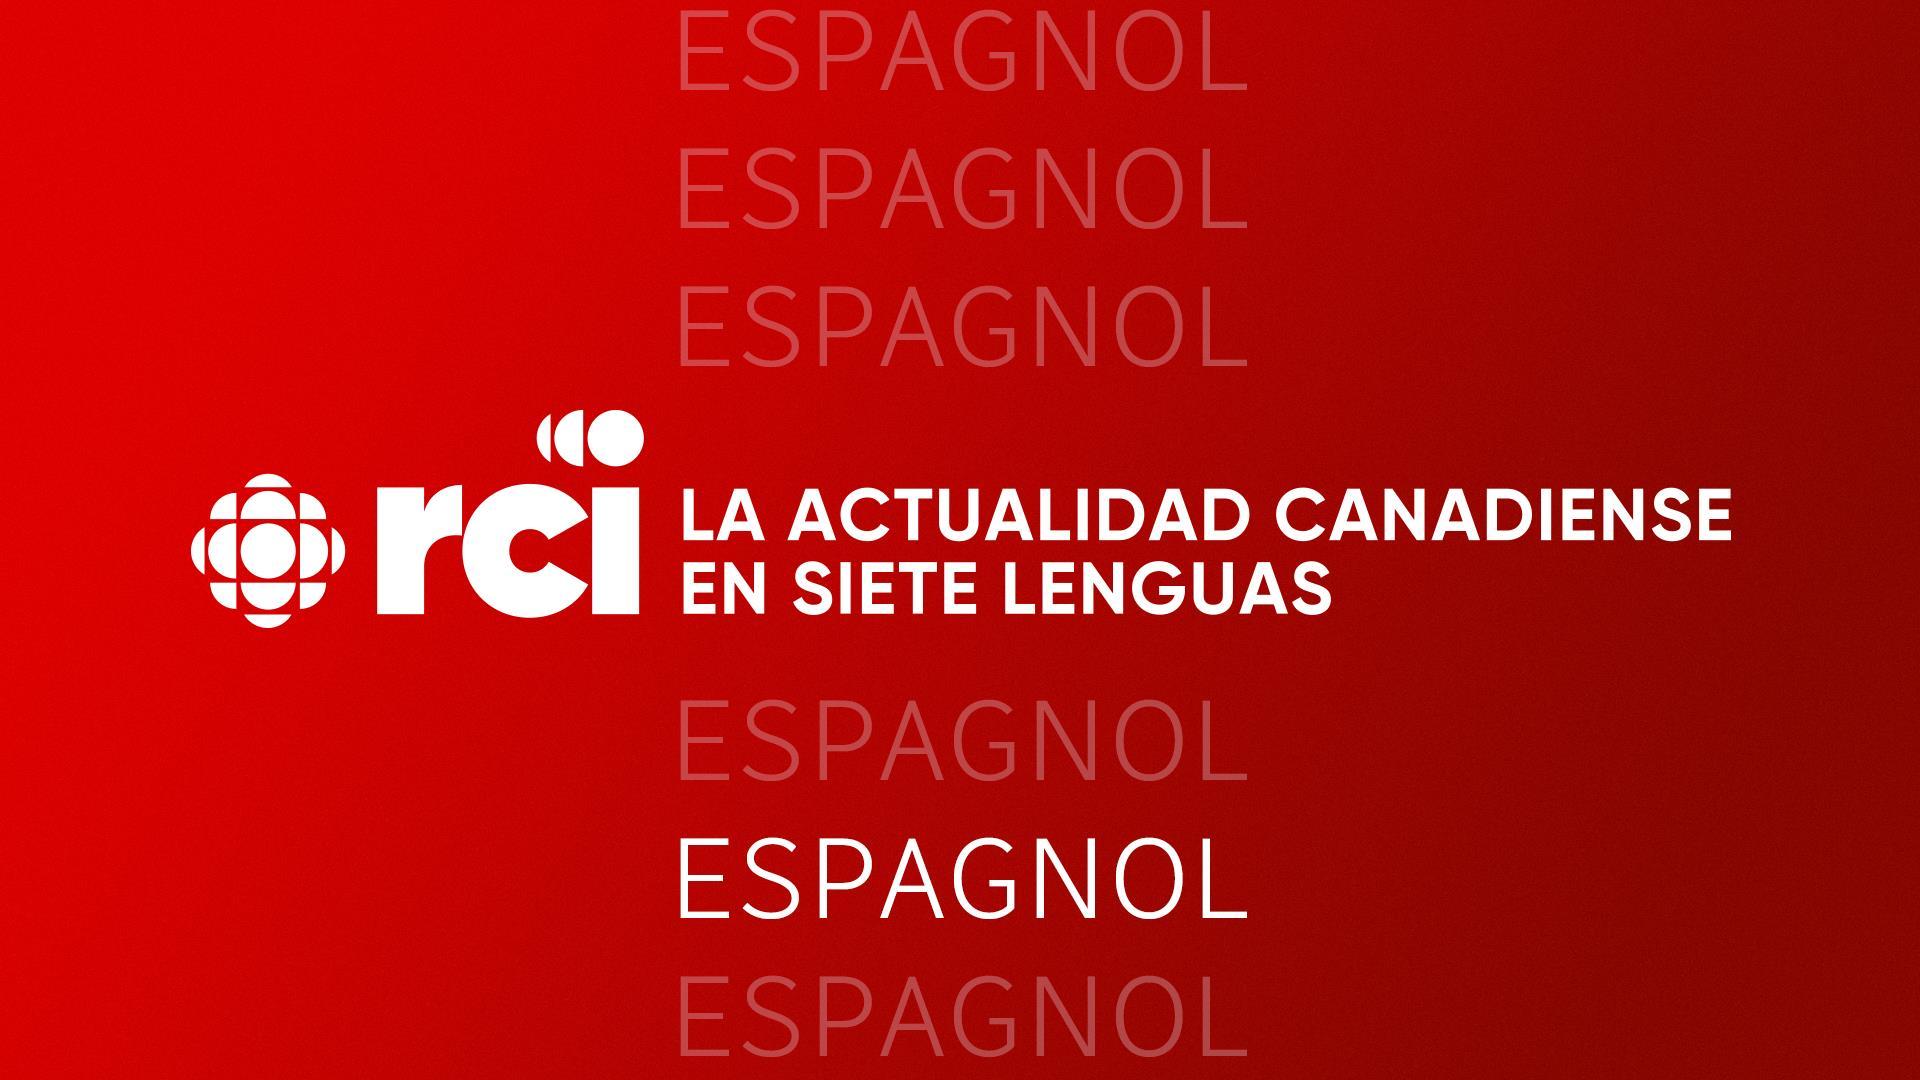 RCI Es el servicio multilingüe de CBC Radio-Canadá que permite descubrir y sobre todo entender y poner en perspectiva la realidad de la sociedad canadiense, sus valores culturales y democráticos.